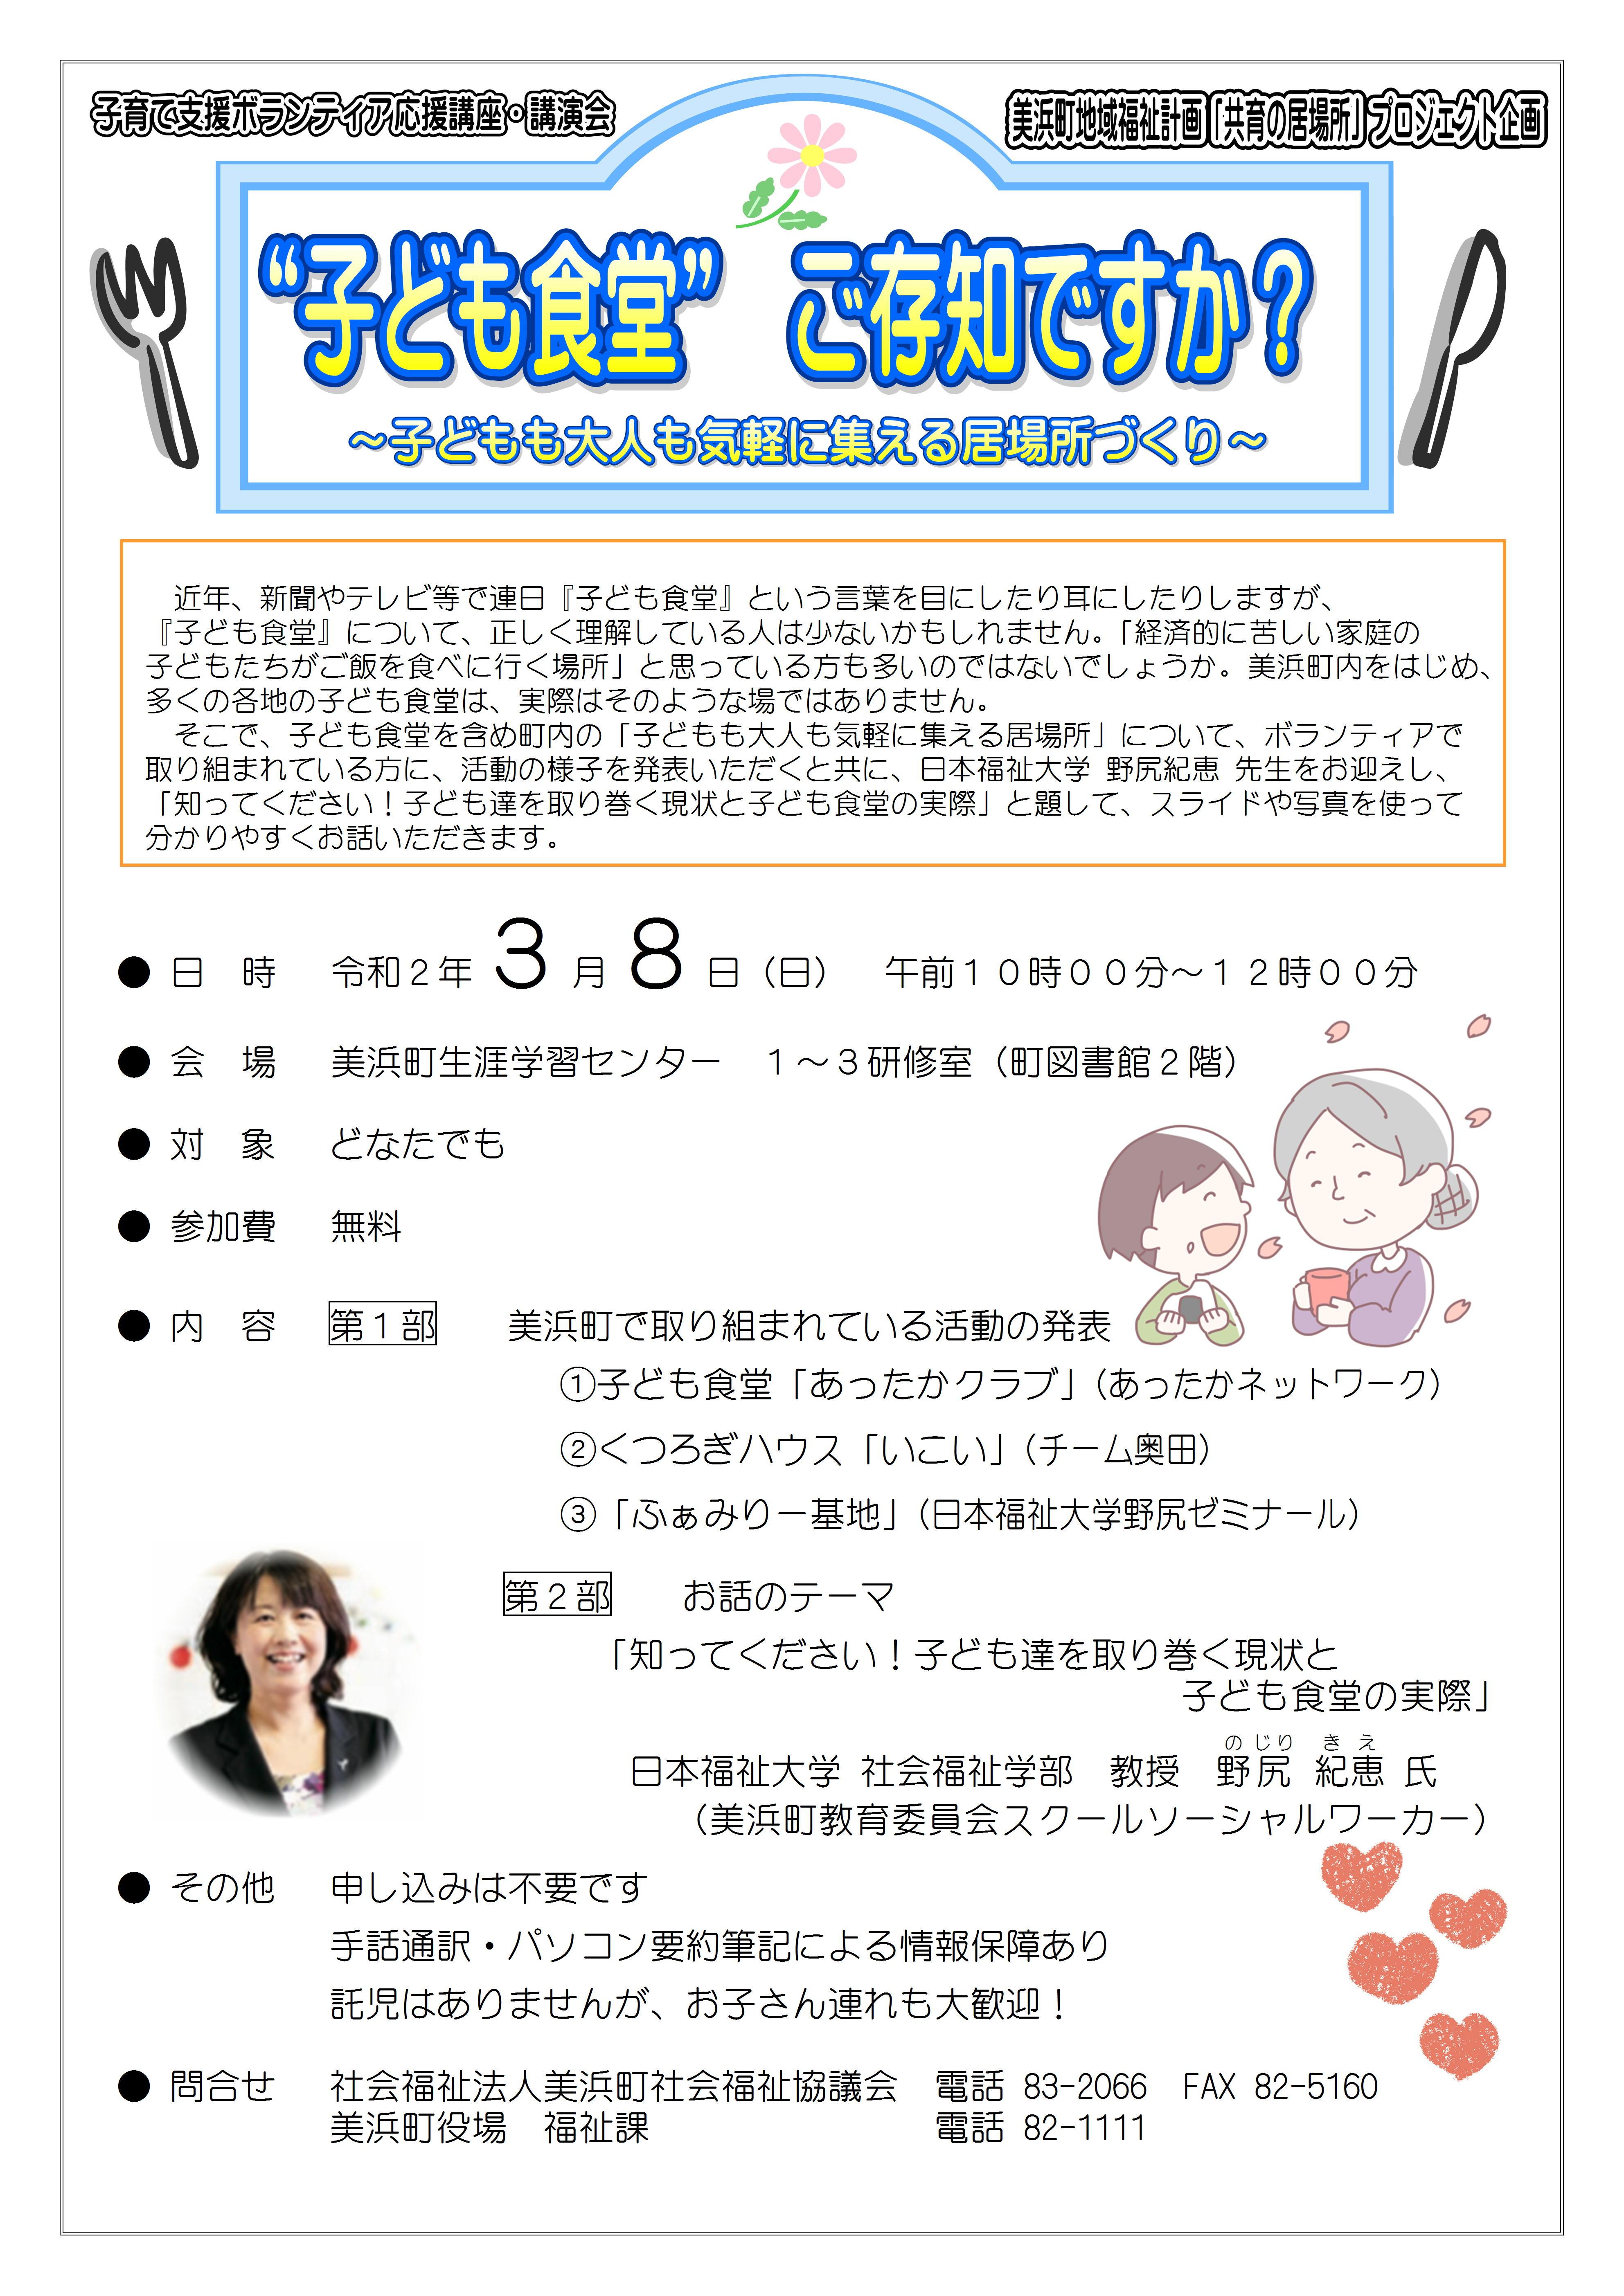 美浜町子ども食堂講演会チラシ・R02.03.08